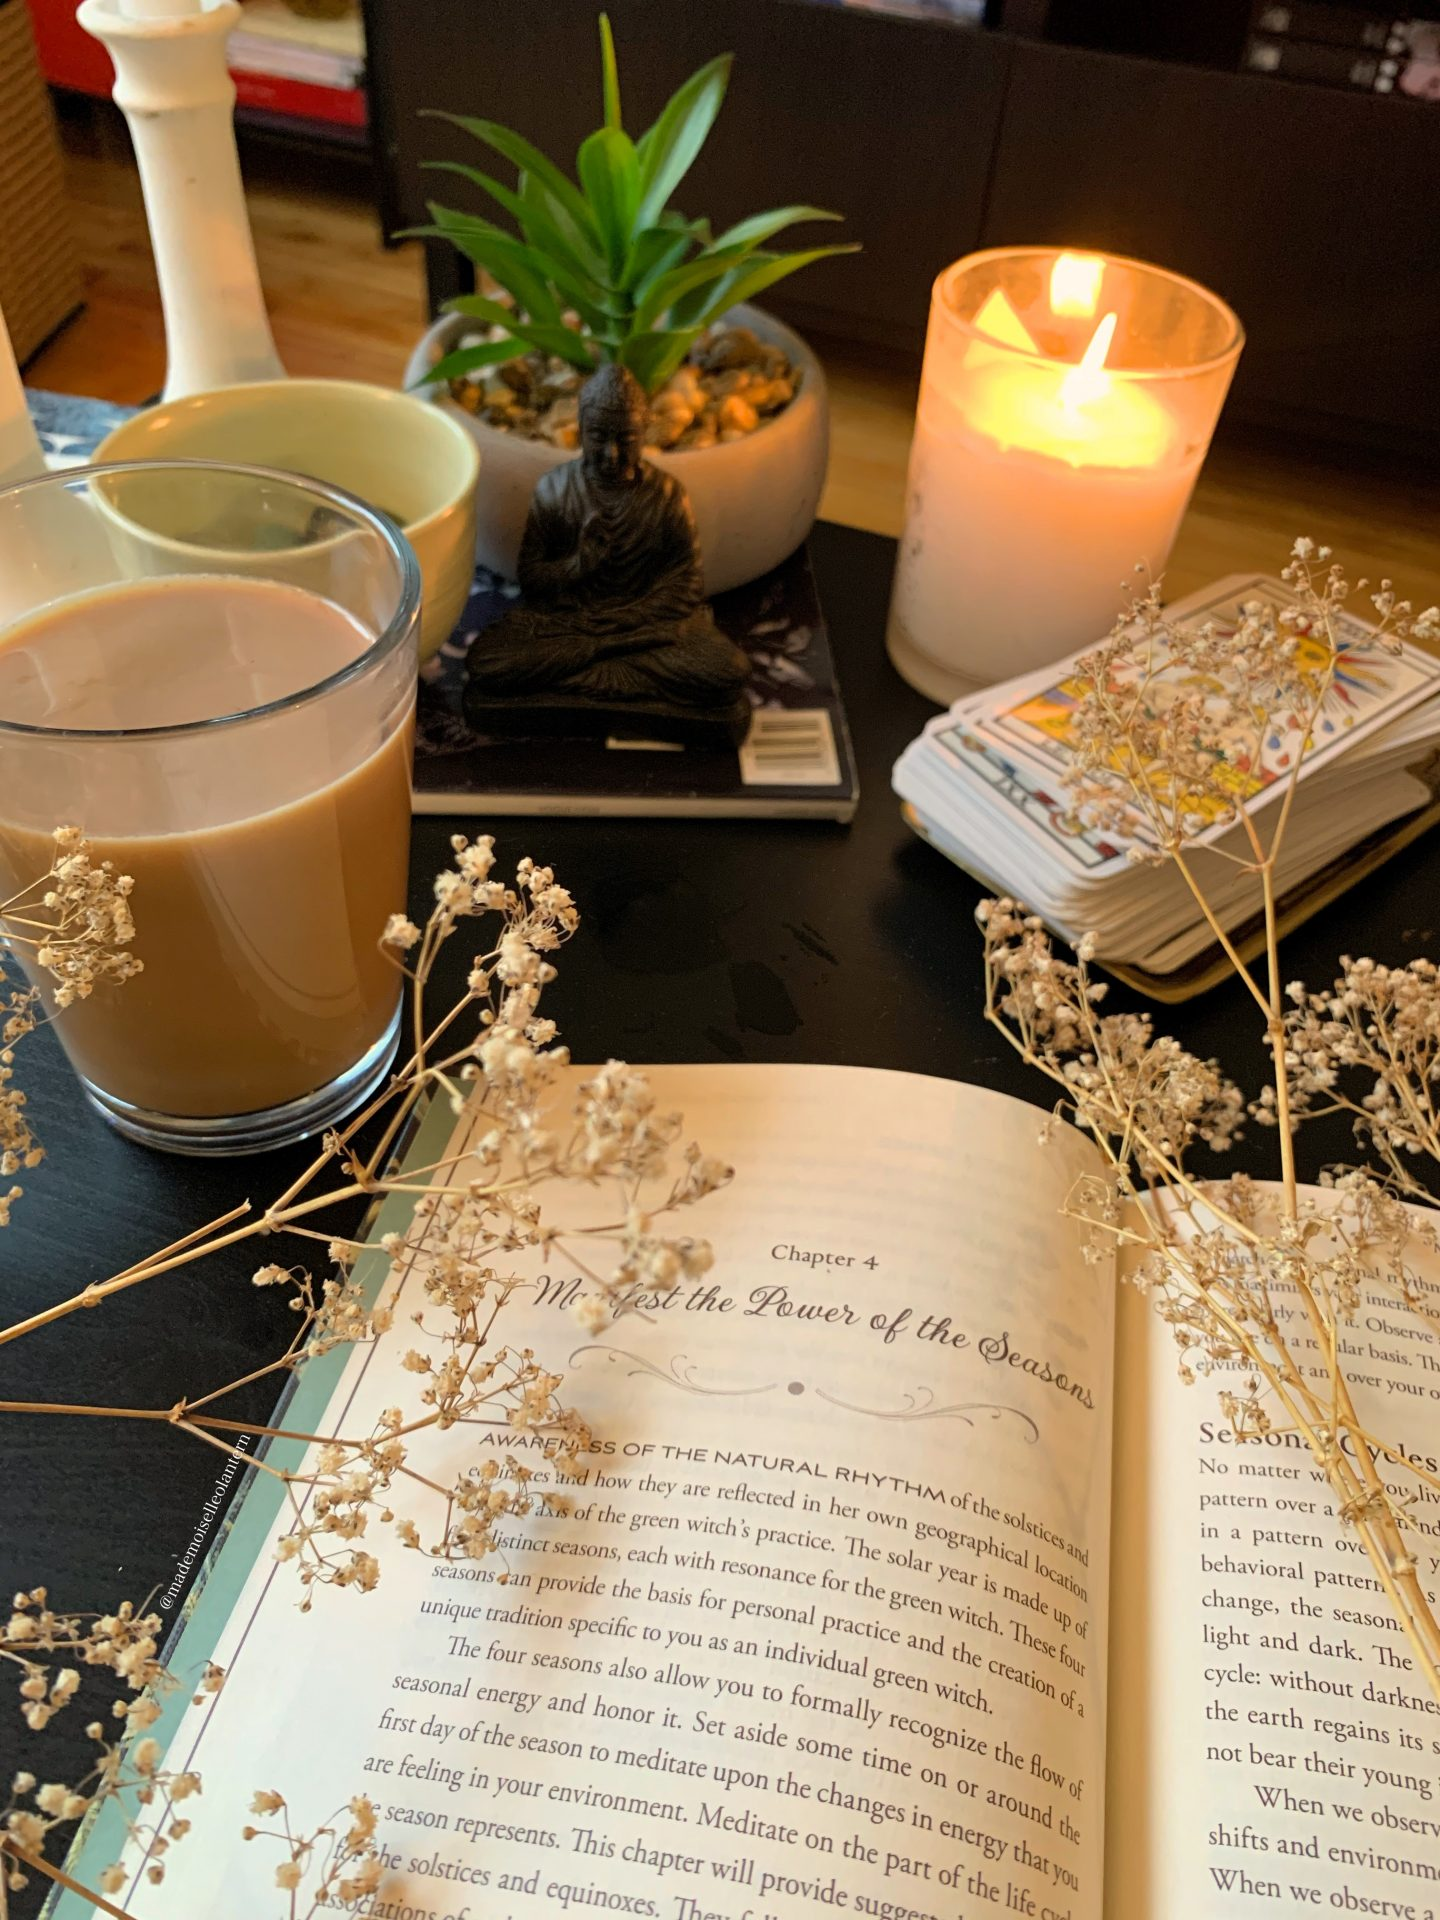 Coffee with joy